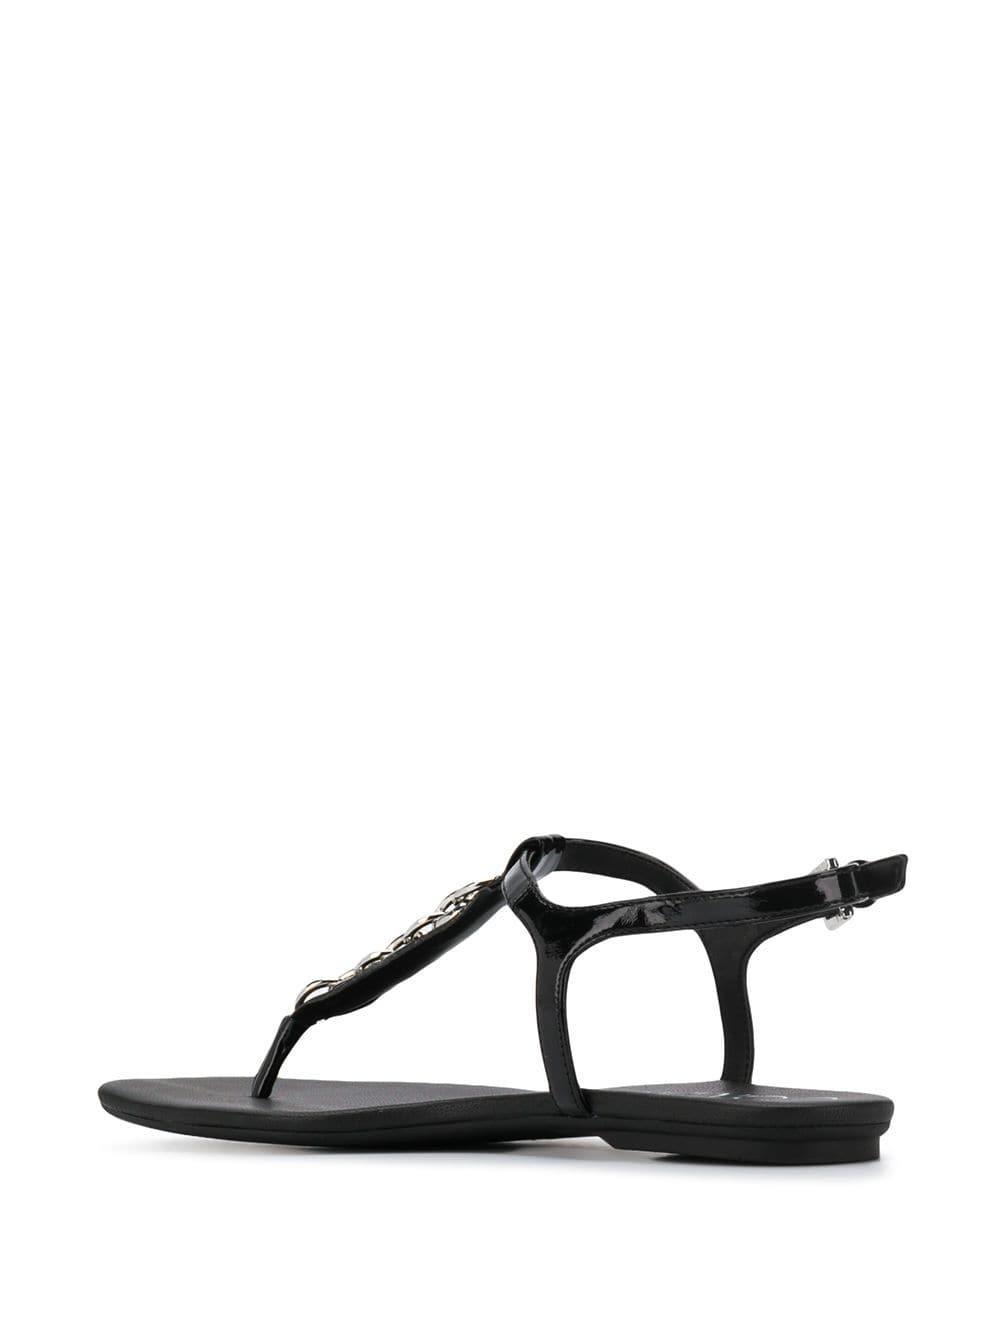 Sandales à détail de chaine Cuir Calvin Klein en coloris Noir